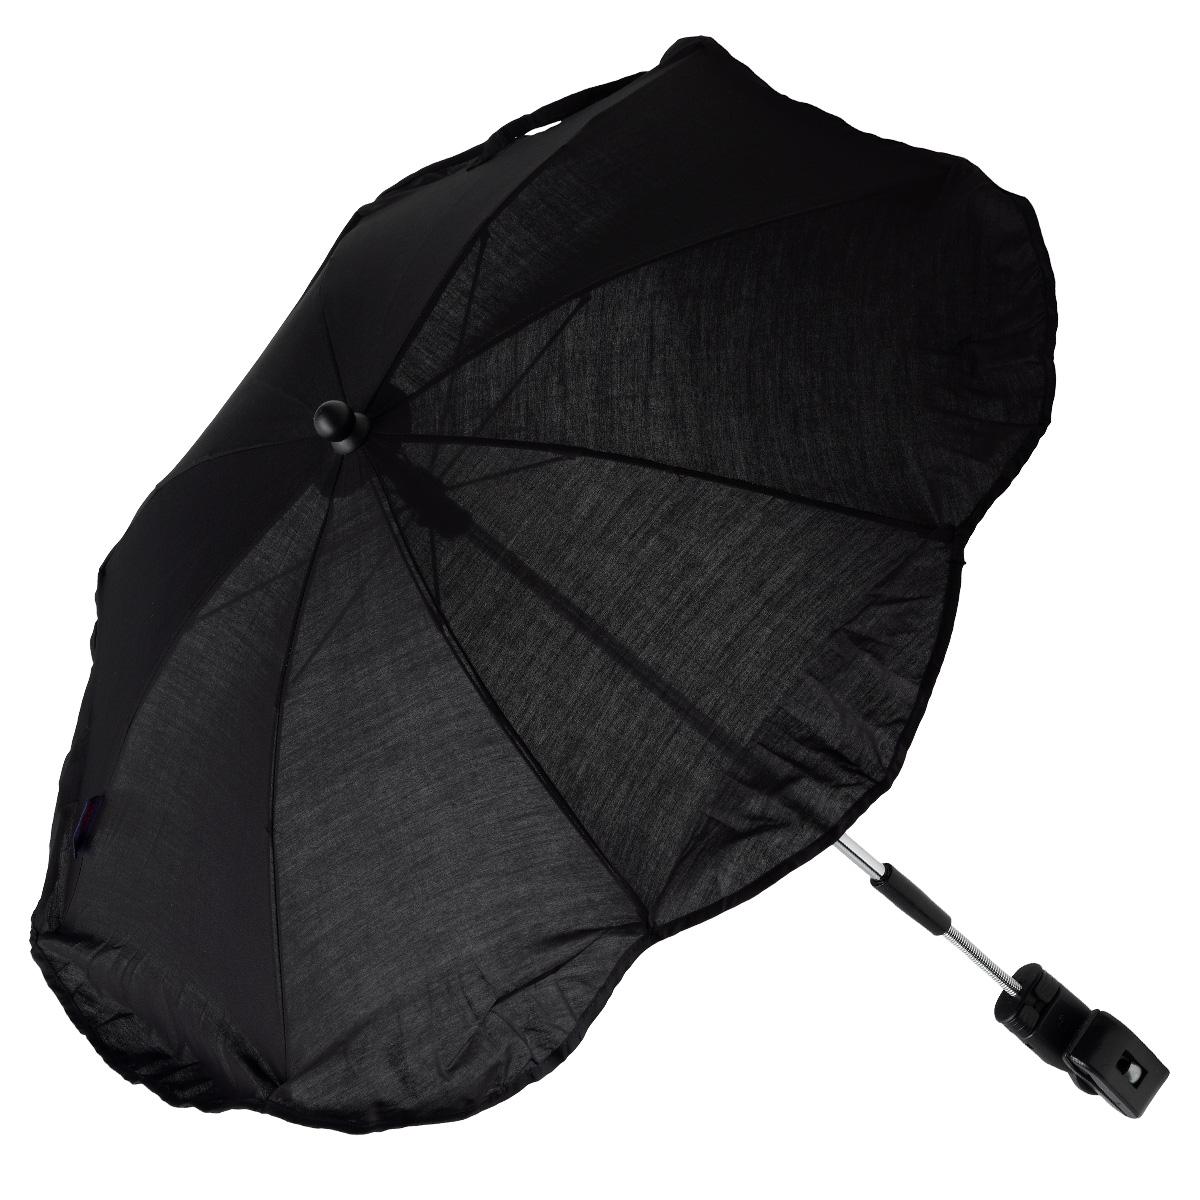 Clippasol parasol til barne- og klapvogn - Sort